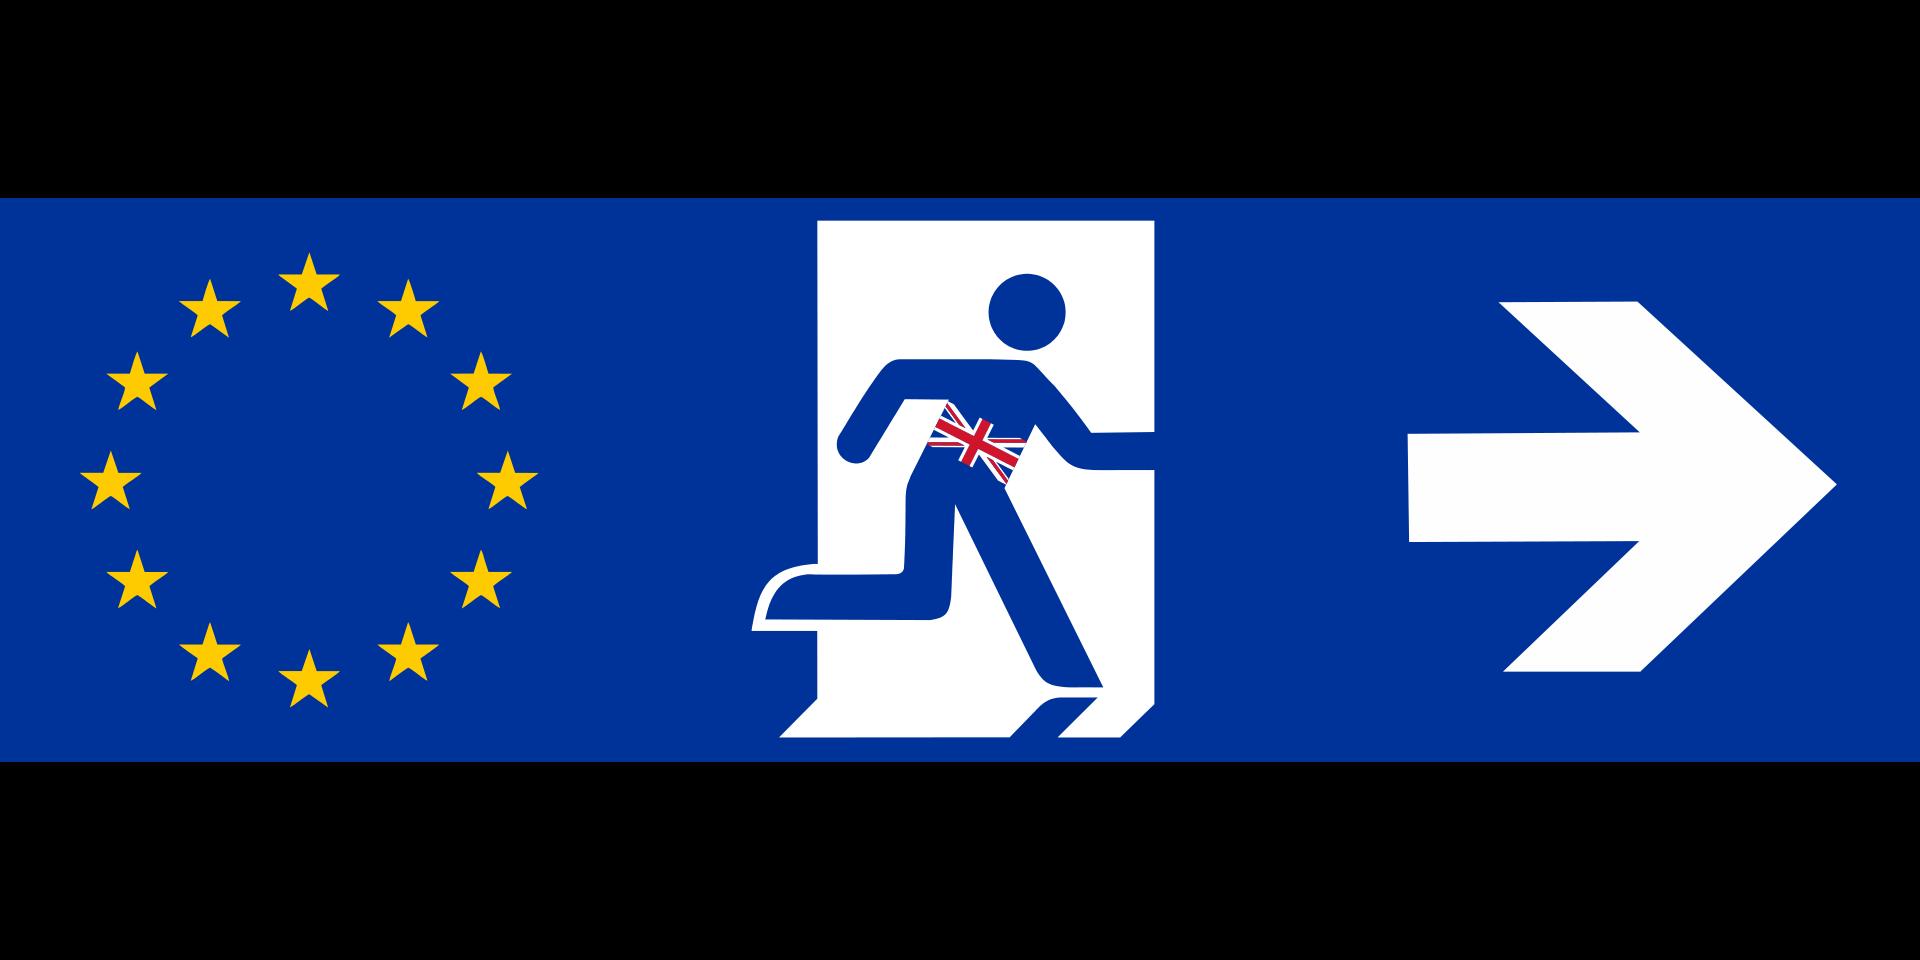 Der EU-Grundlagenvertrag von Lissabon lässt im Falle eines Austritts eines EU-Mitglieds eine Übergangszeit von bis zu zwei Jahren vor. copyright: pixabay.com